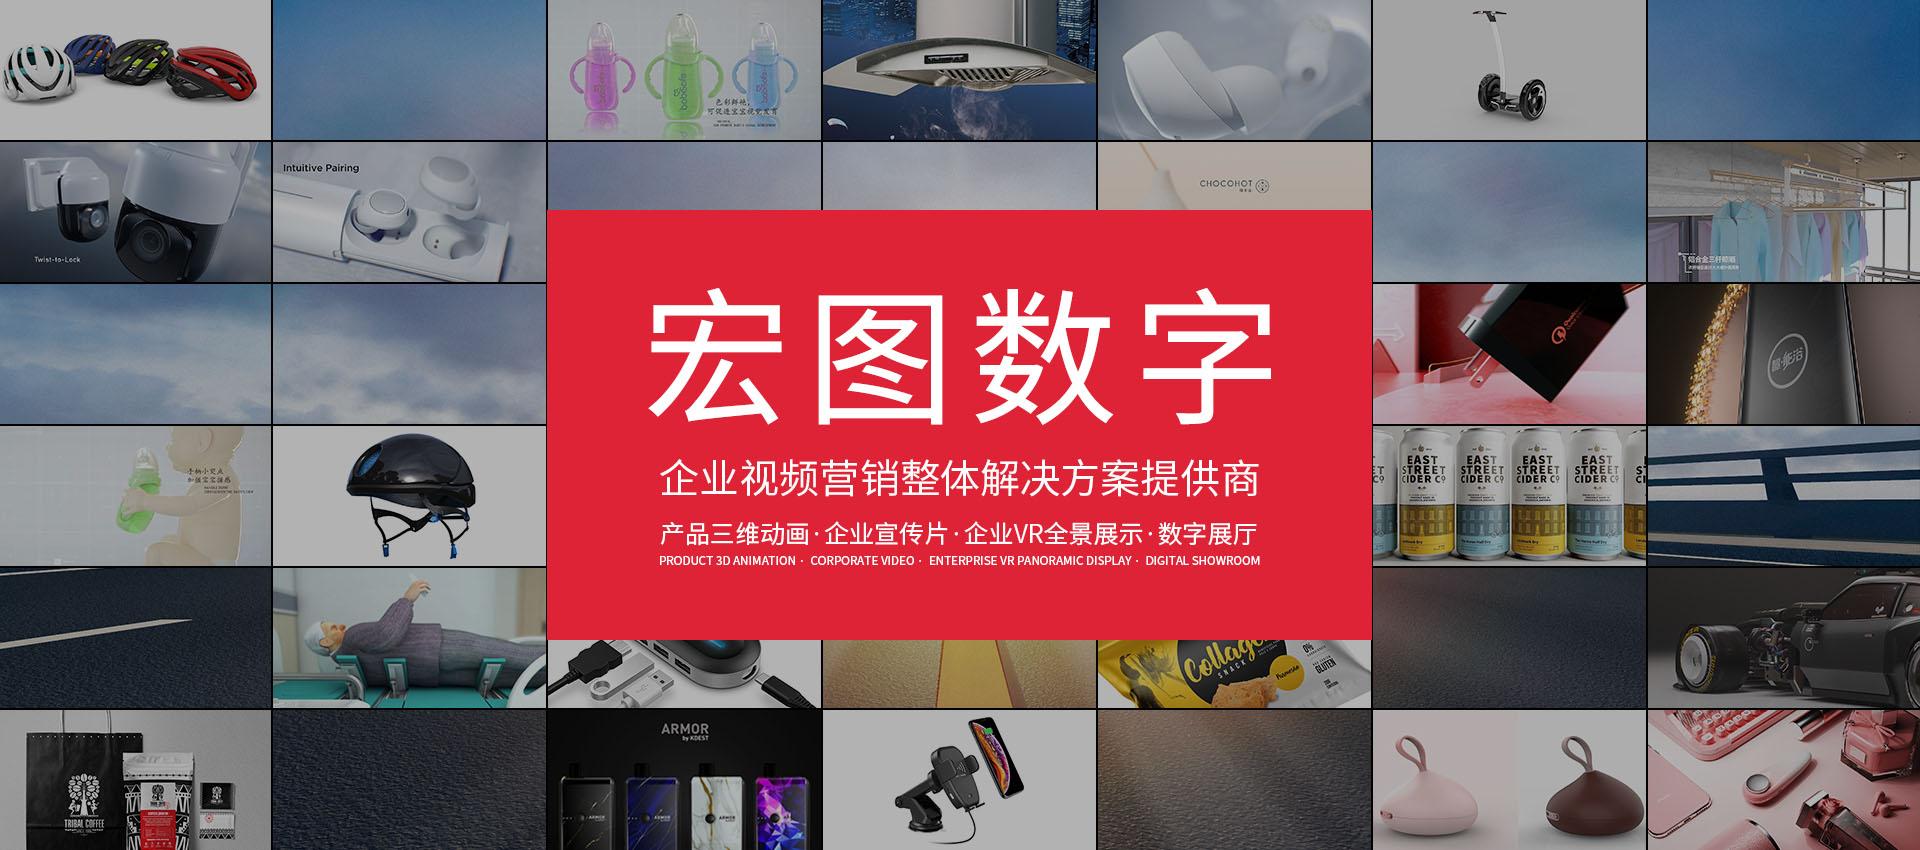 深圳宏图数字创意科技有限公司[]